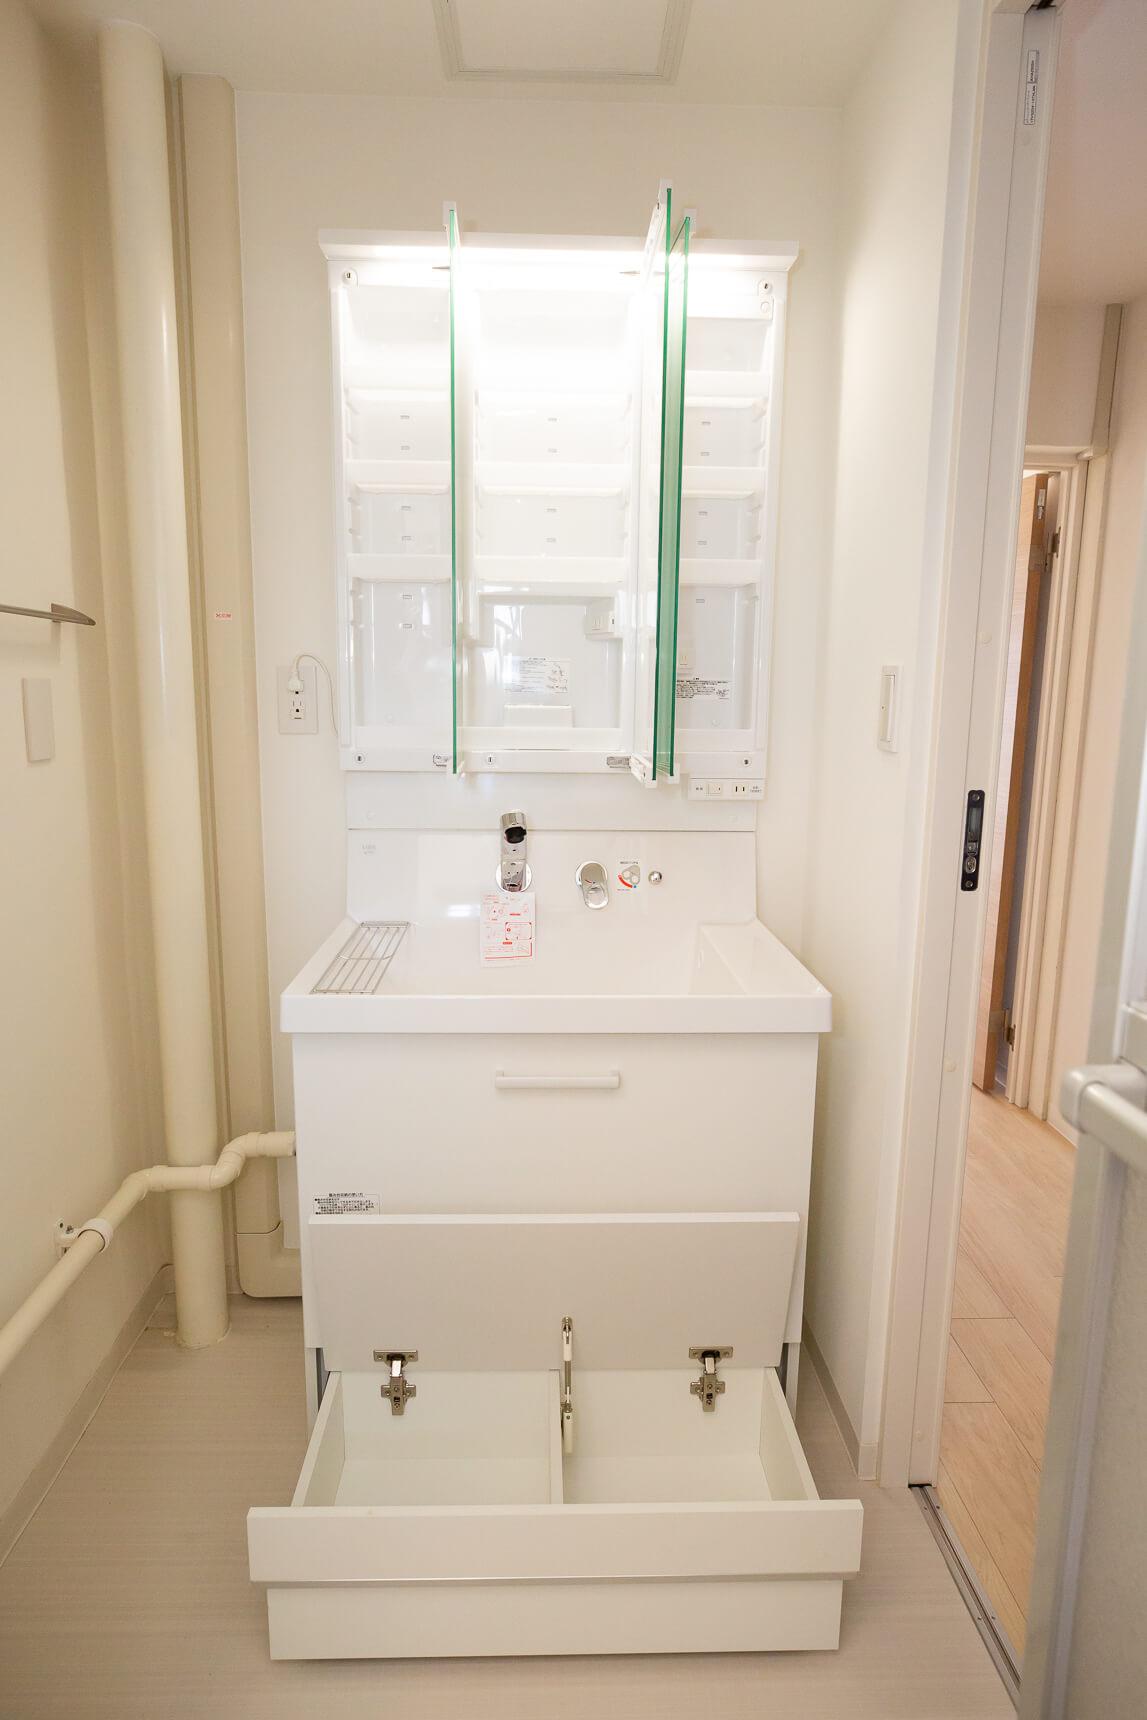 さらに、洗面台の一番下の引き出しは、蓋をすればお子さんが使える踏み台になる、ステップスライドタイプ。収納力もあって一石二鳥。